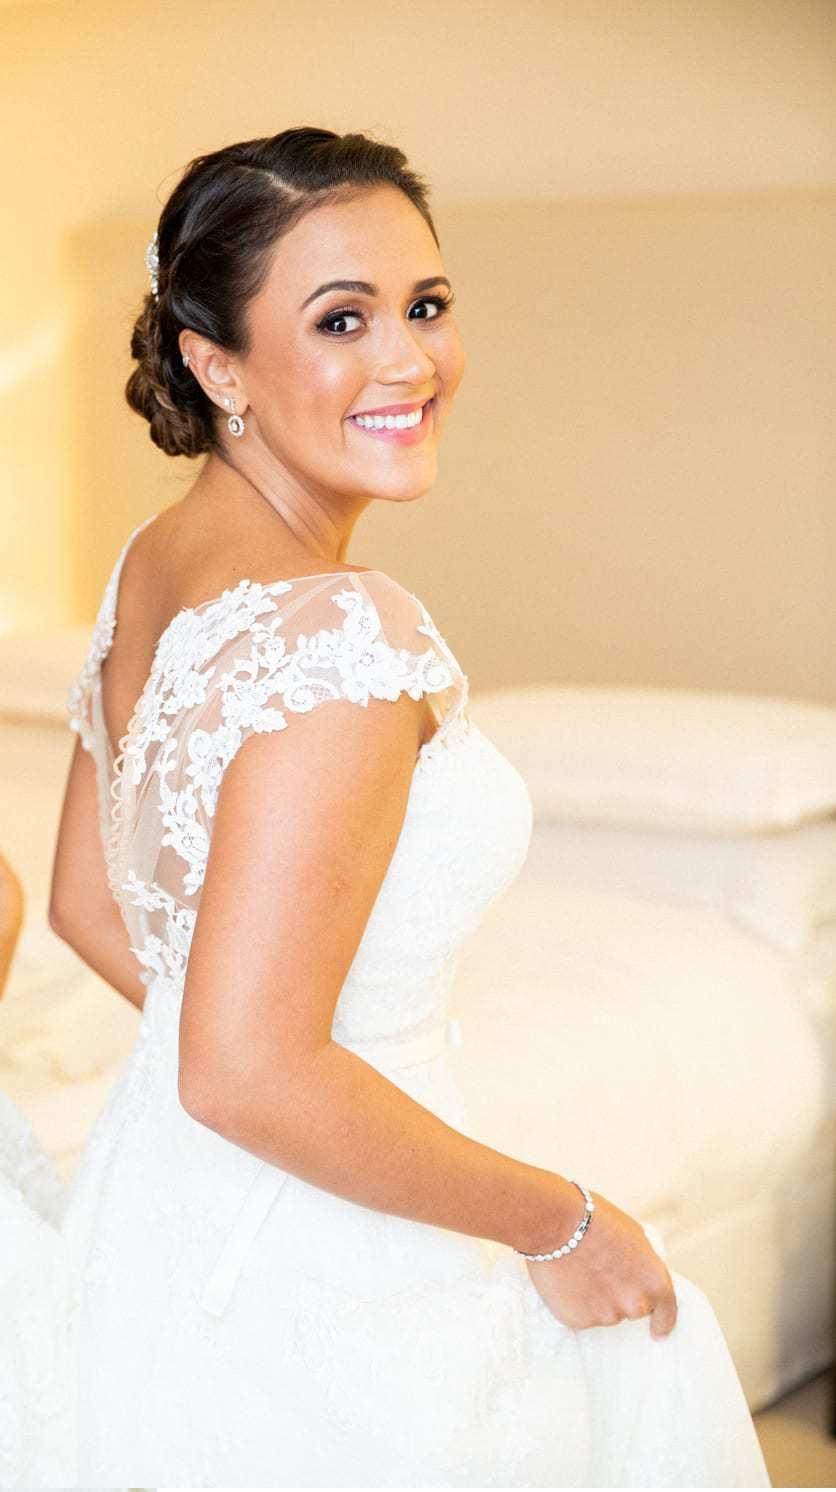 casamento-boho-chic-casamento-Luisa-e-David-Fotografia-Rodrigo-Sack-Largo-do-Arruda-noiva-Rio-de-Janeiro-9